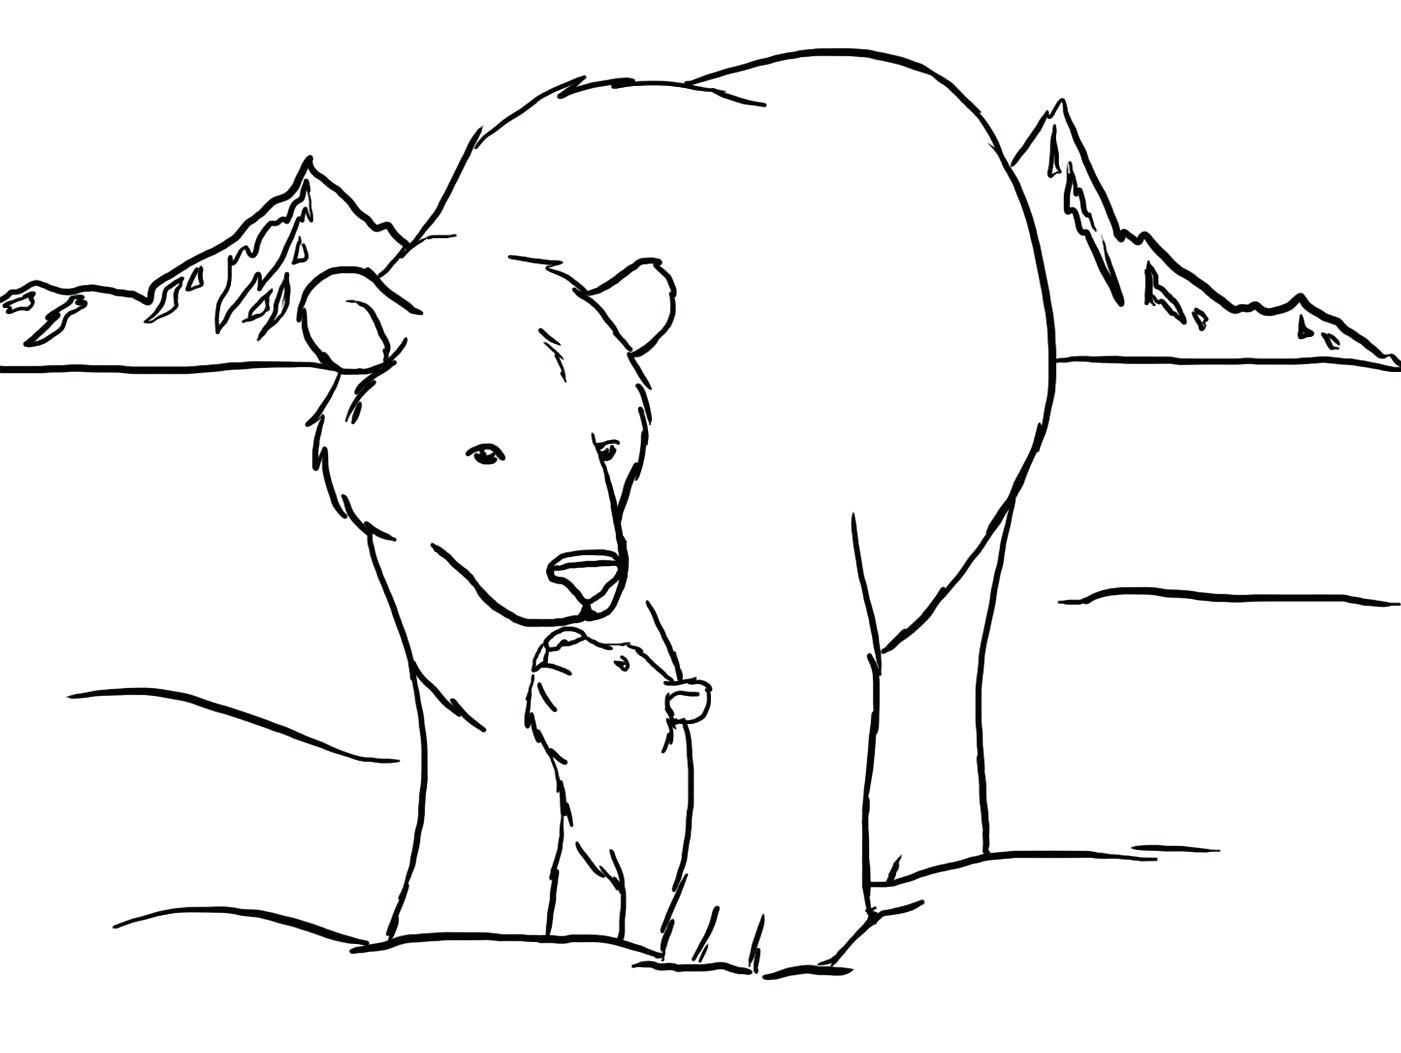 Polar Express Color Pages Polar Express Coloring Pages Awesome Coloring Pages Draw A Polar